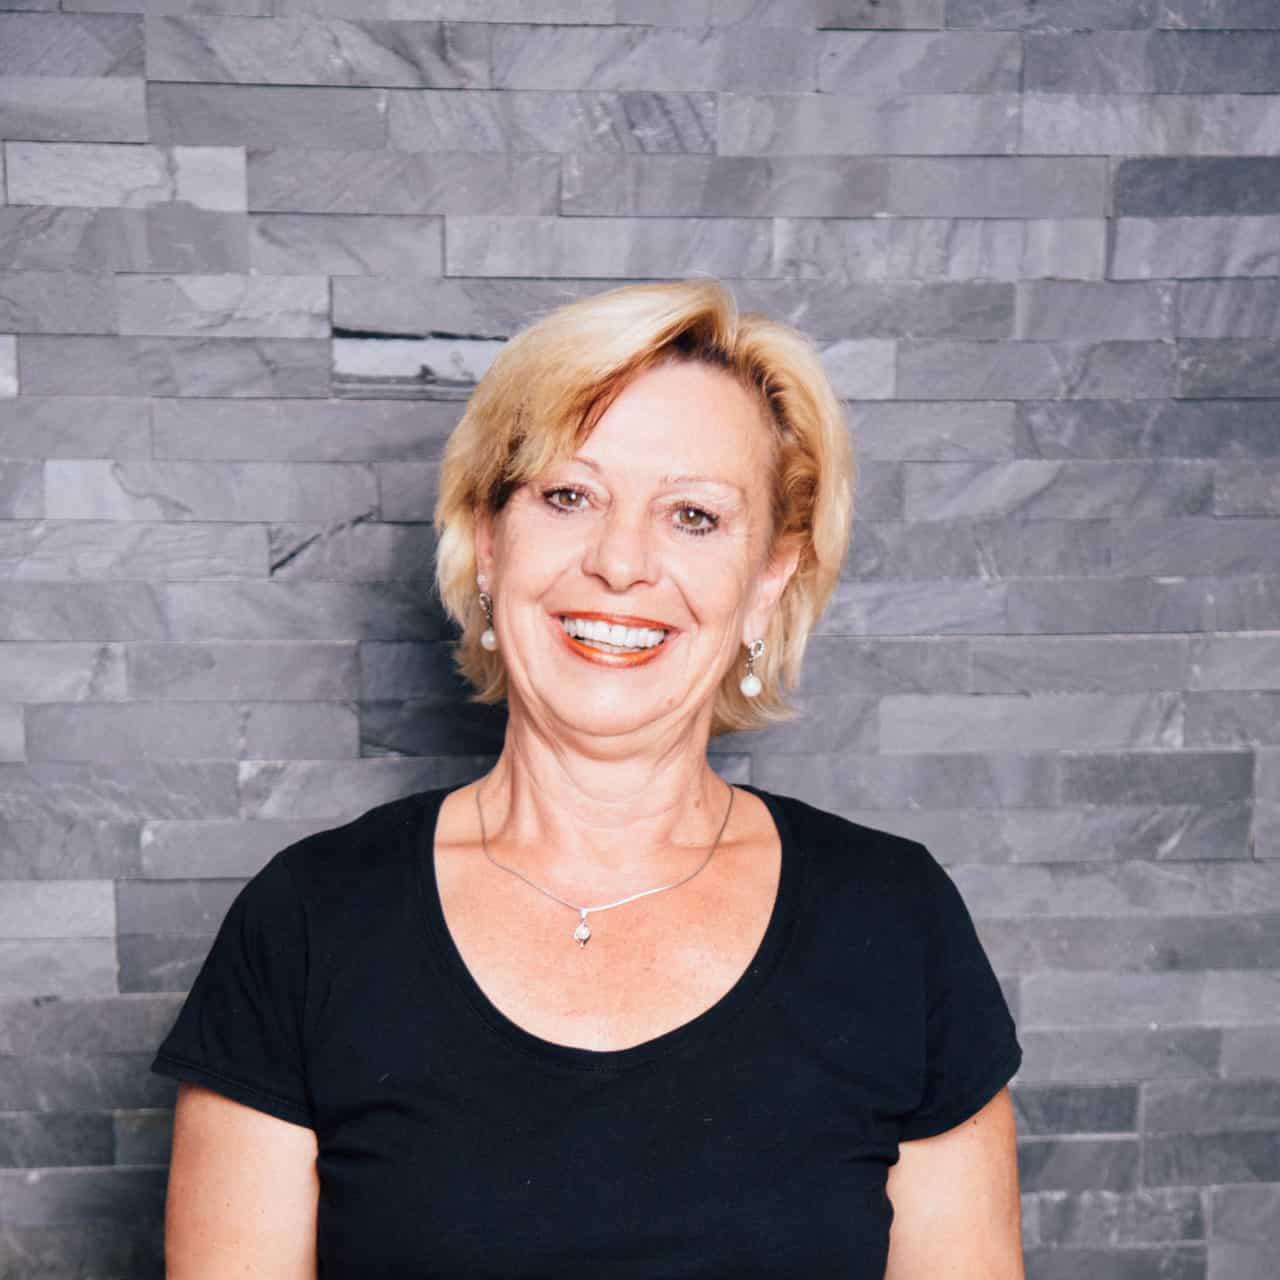 Claudia ist Friseurin im SchönSein basic Salon in Olching-Geiselbullach